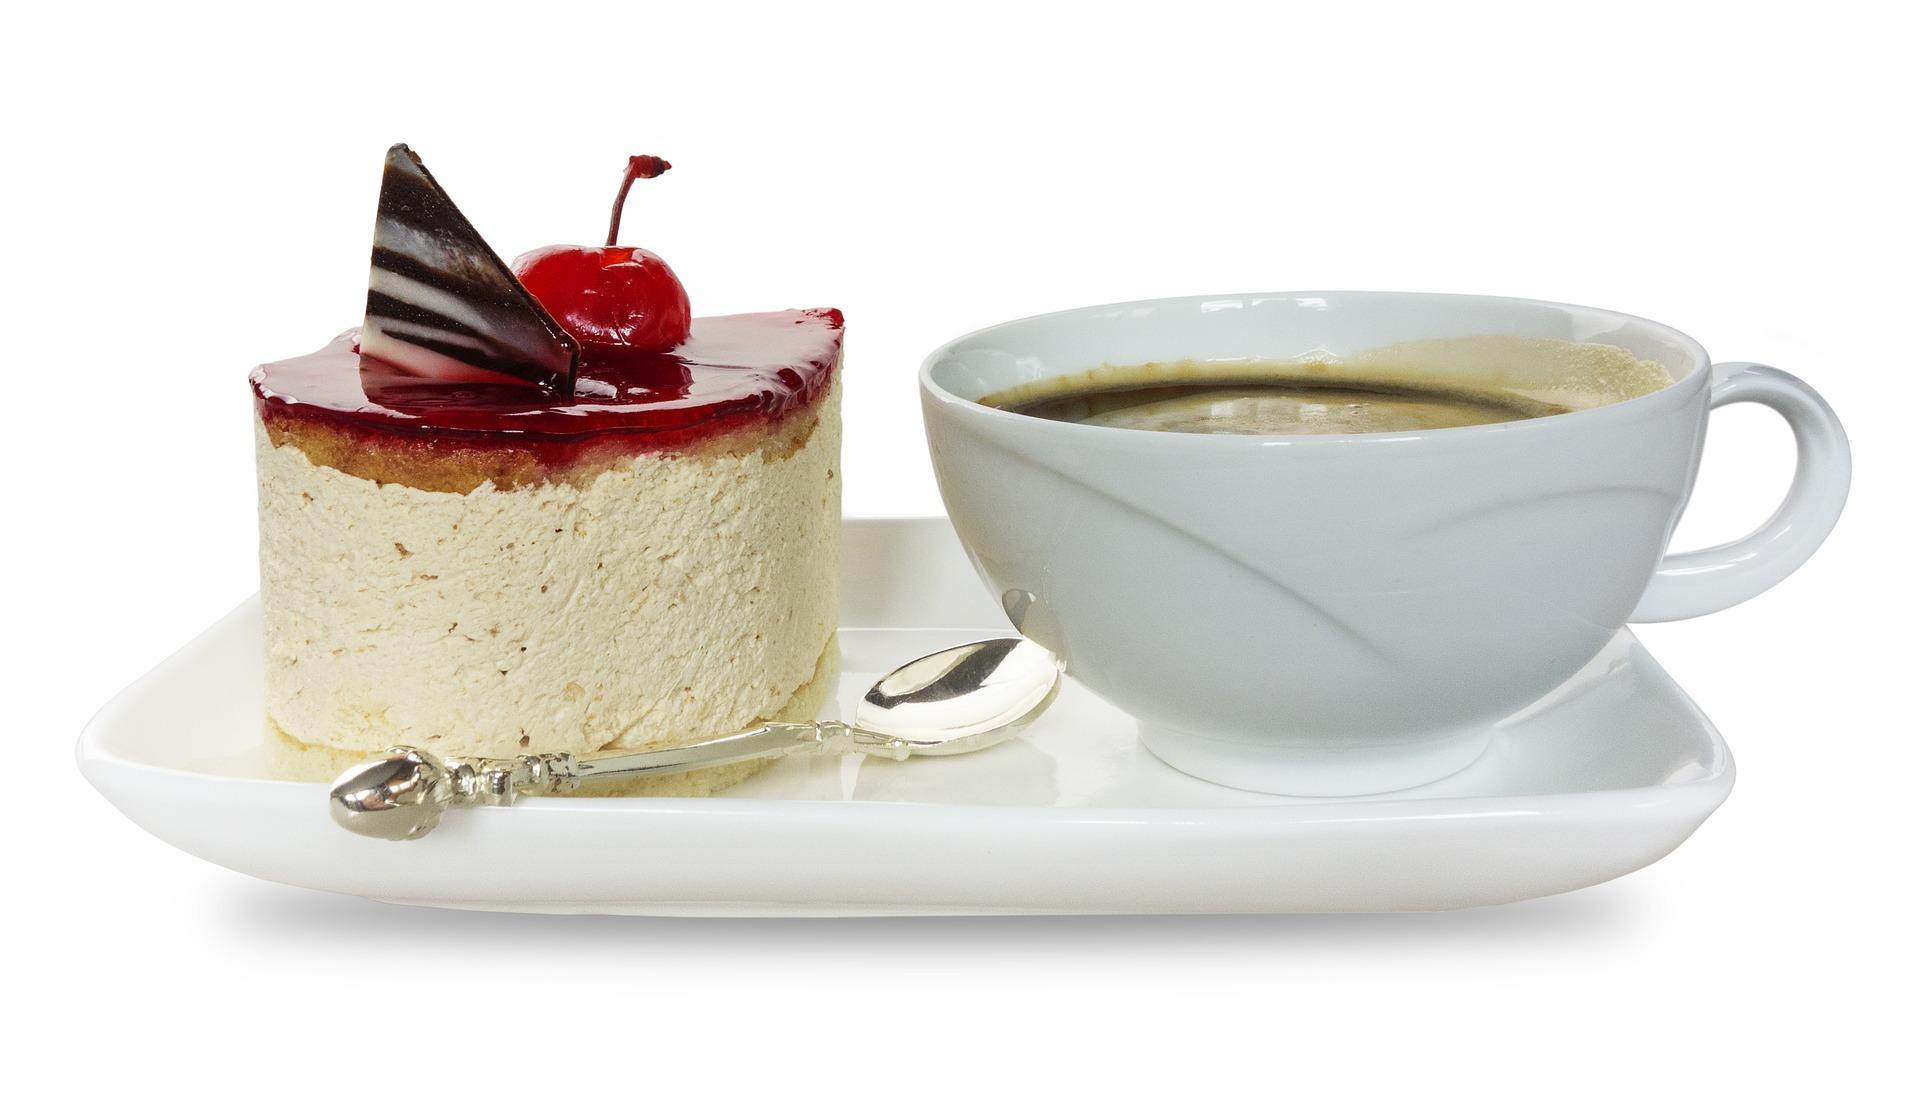 Tortaműhely és Kávéház | Torta Rendelés Házhoz Tortaműhelyünkből